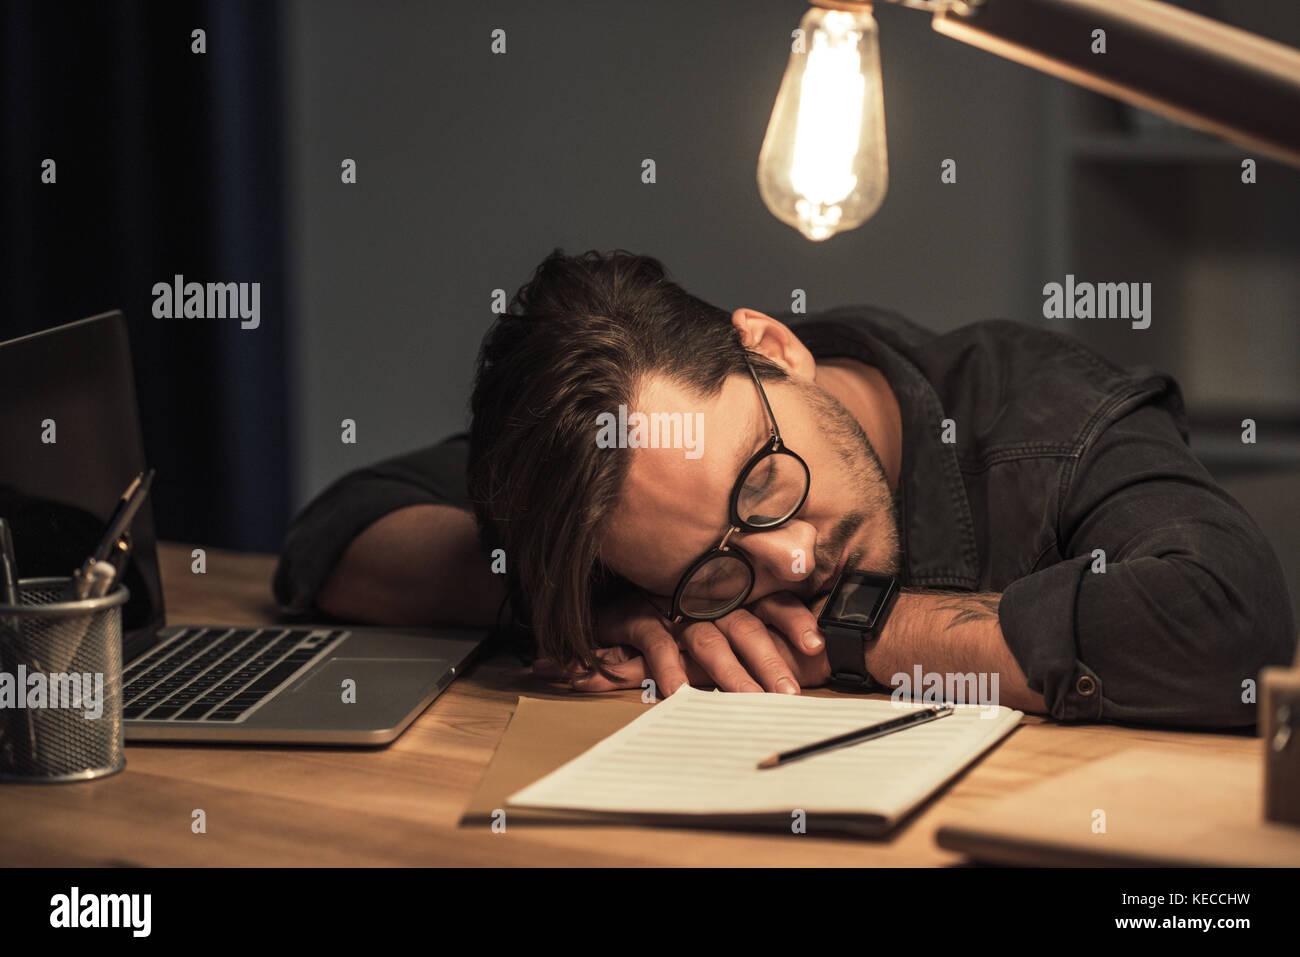 Músico durmiendo en el lugar de trabajo Imagen De Stock